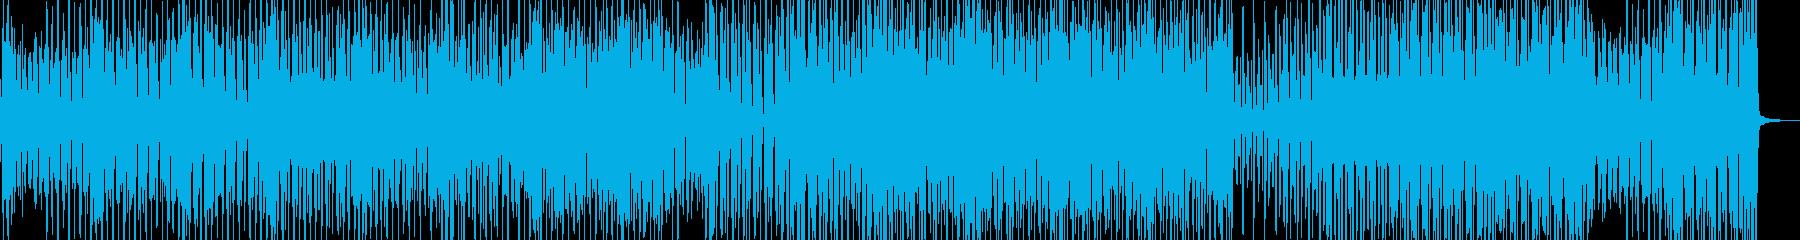 クせになるハイテンション三味線テクノ Aの再生済みの波形